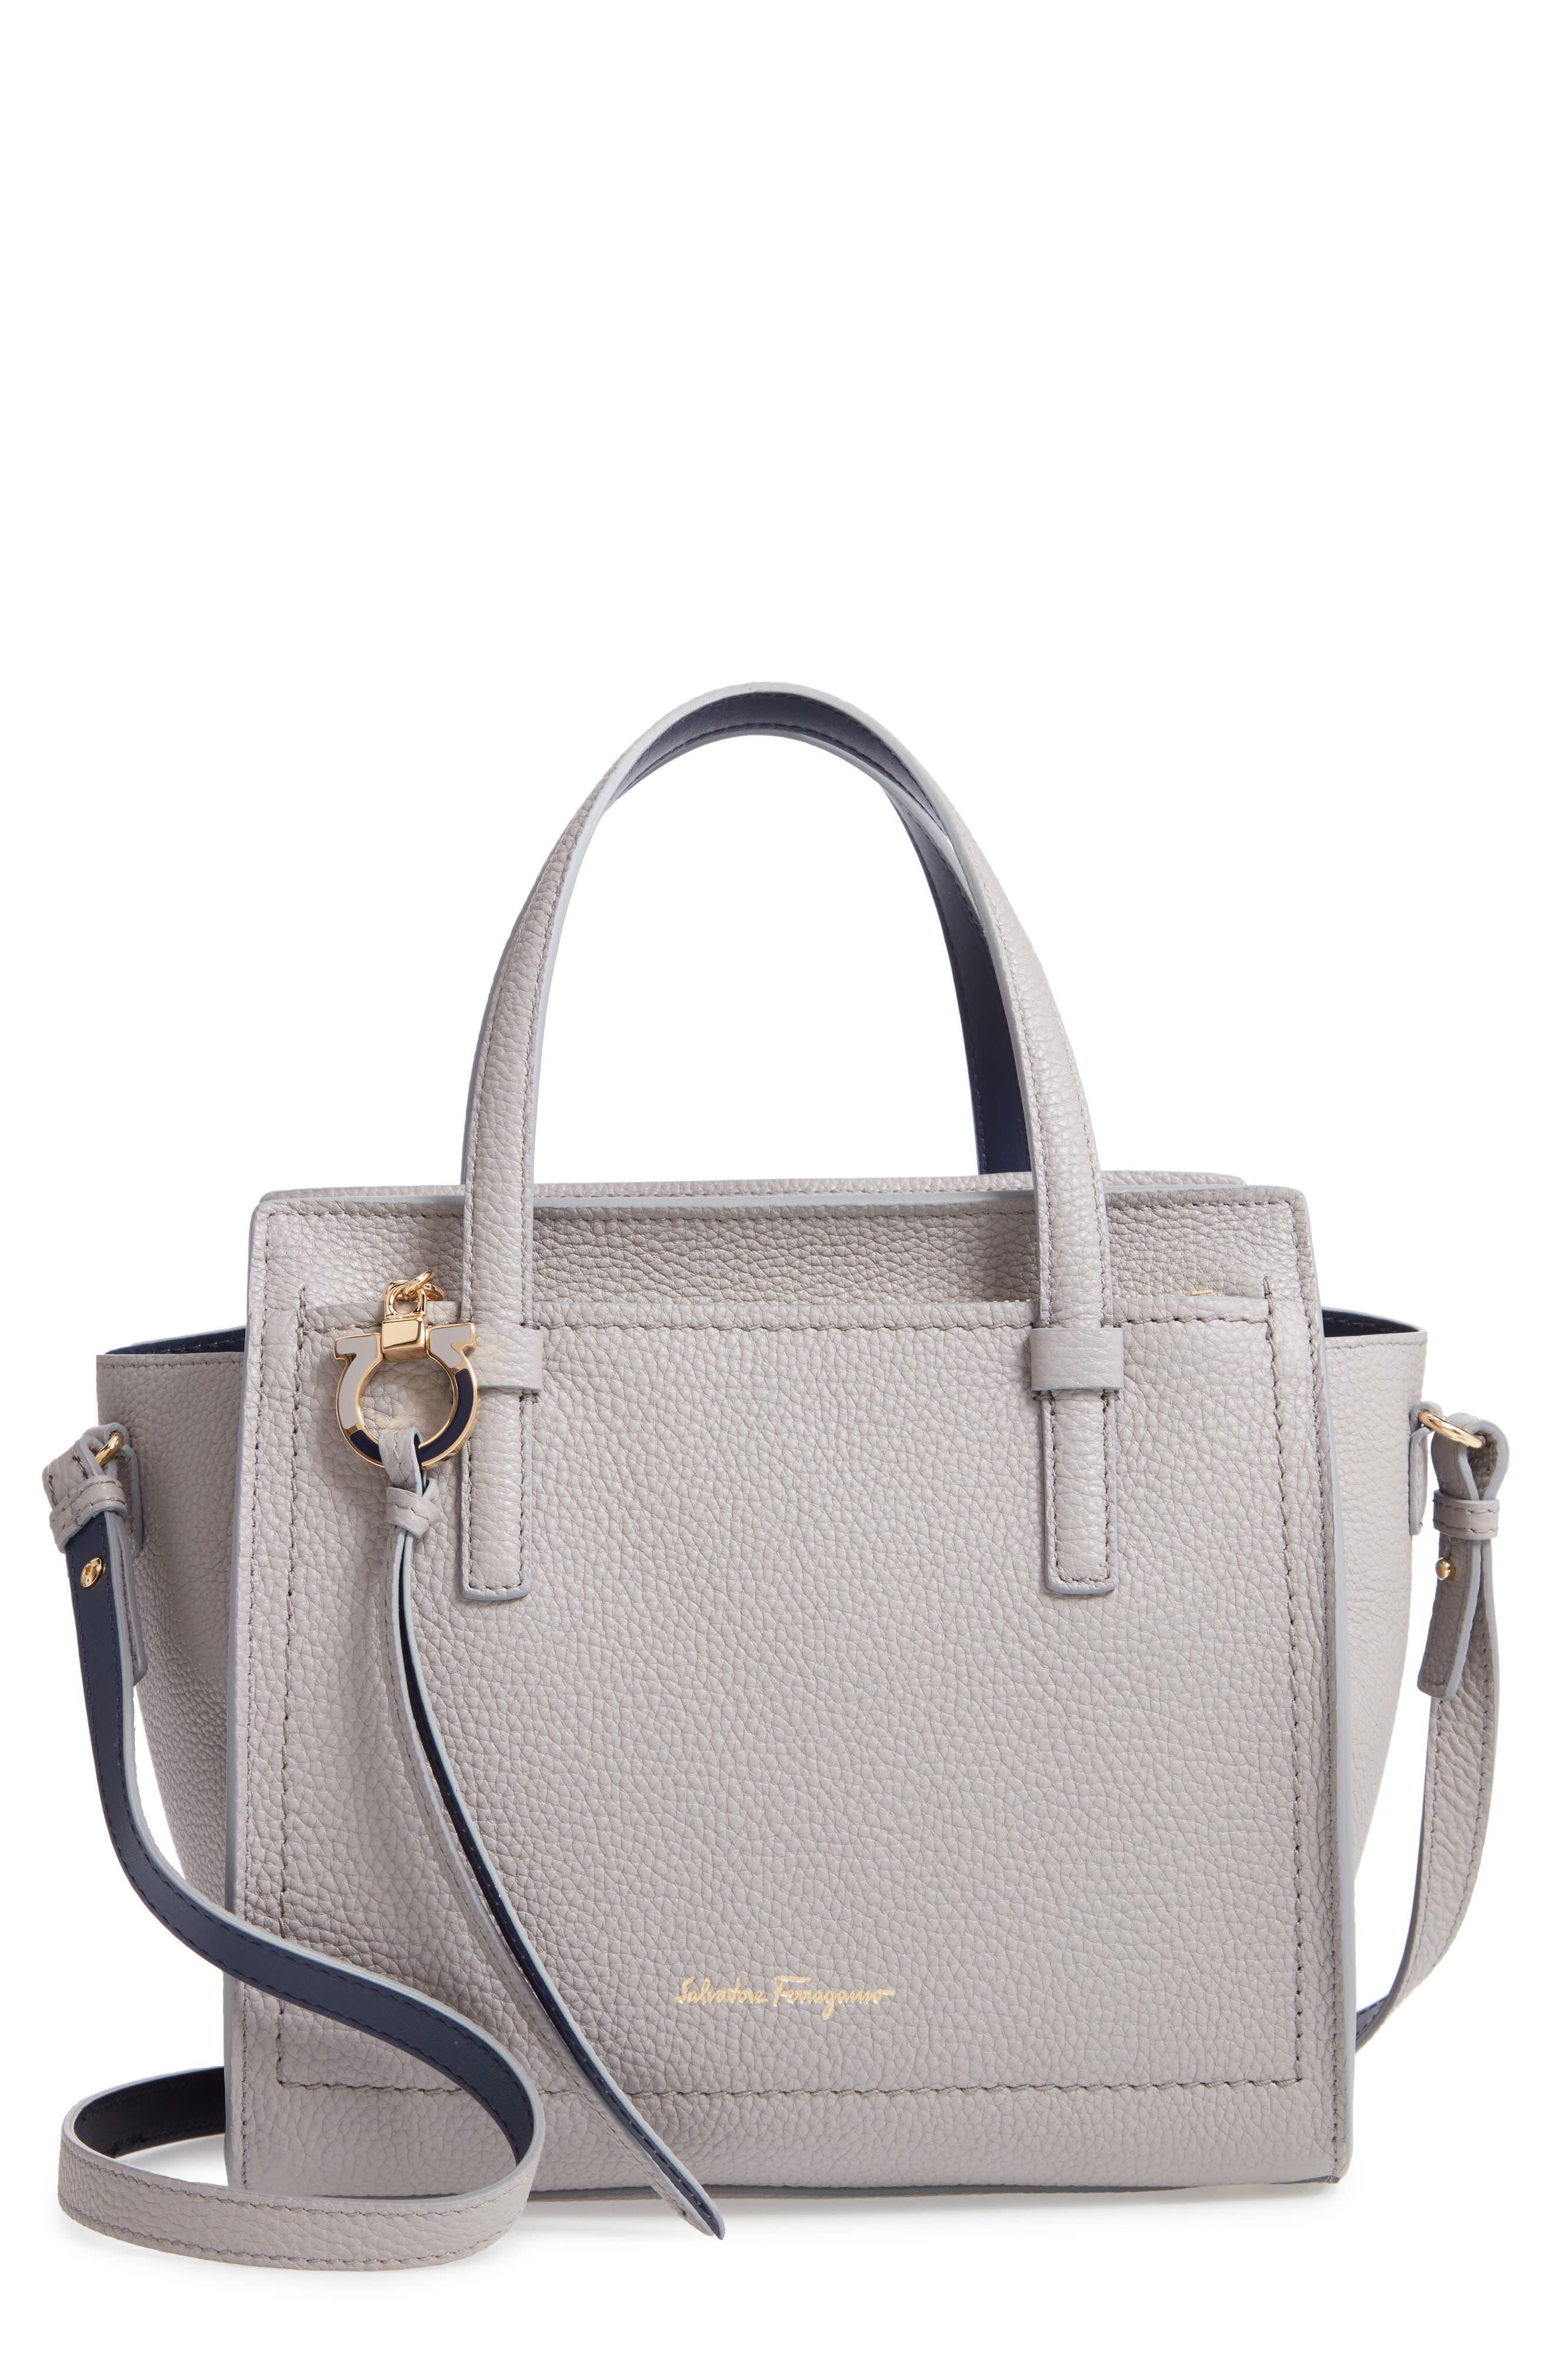 170a540c25 Salvatore Ferragamo Amy Piccolo Leather Tote - Grey